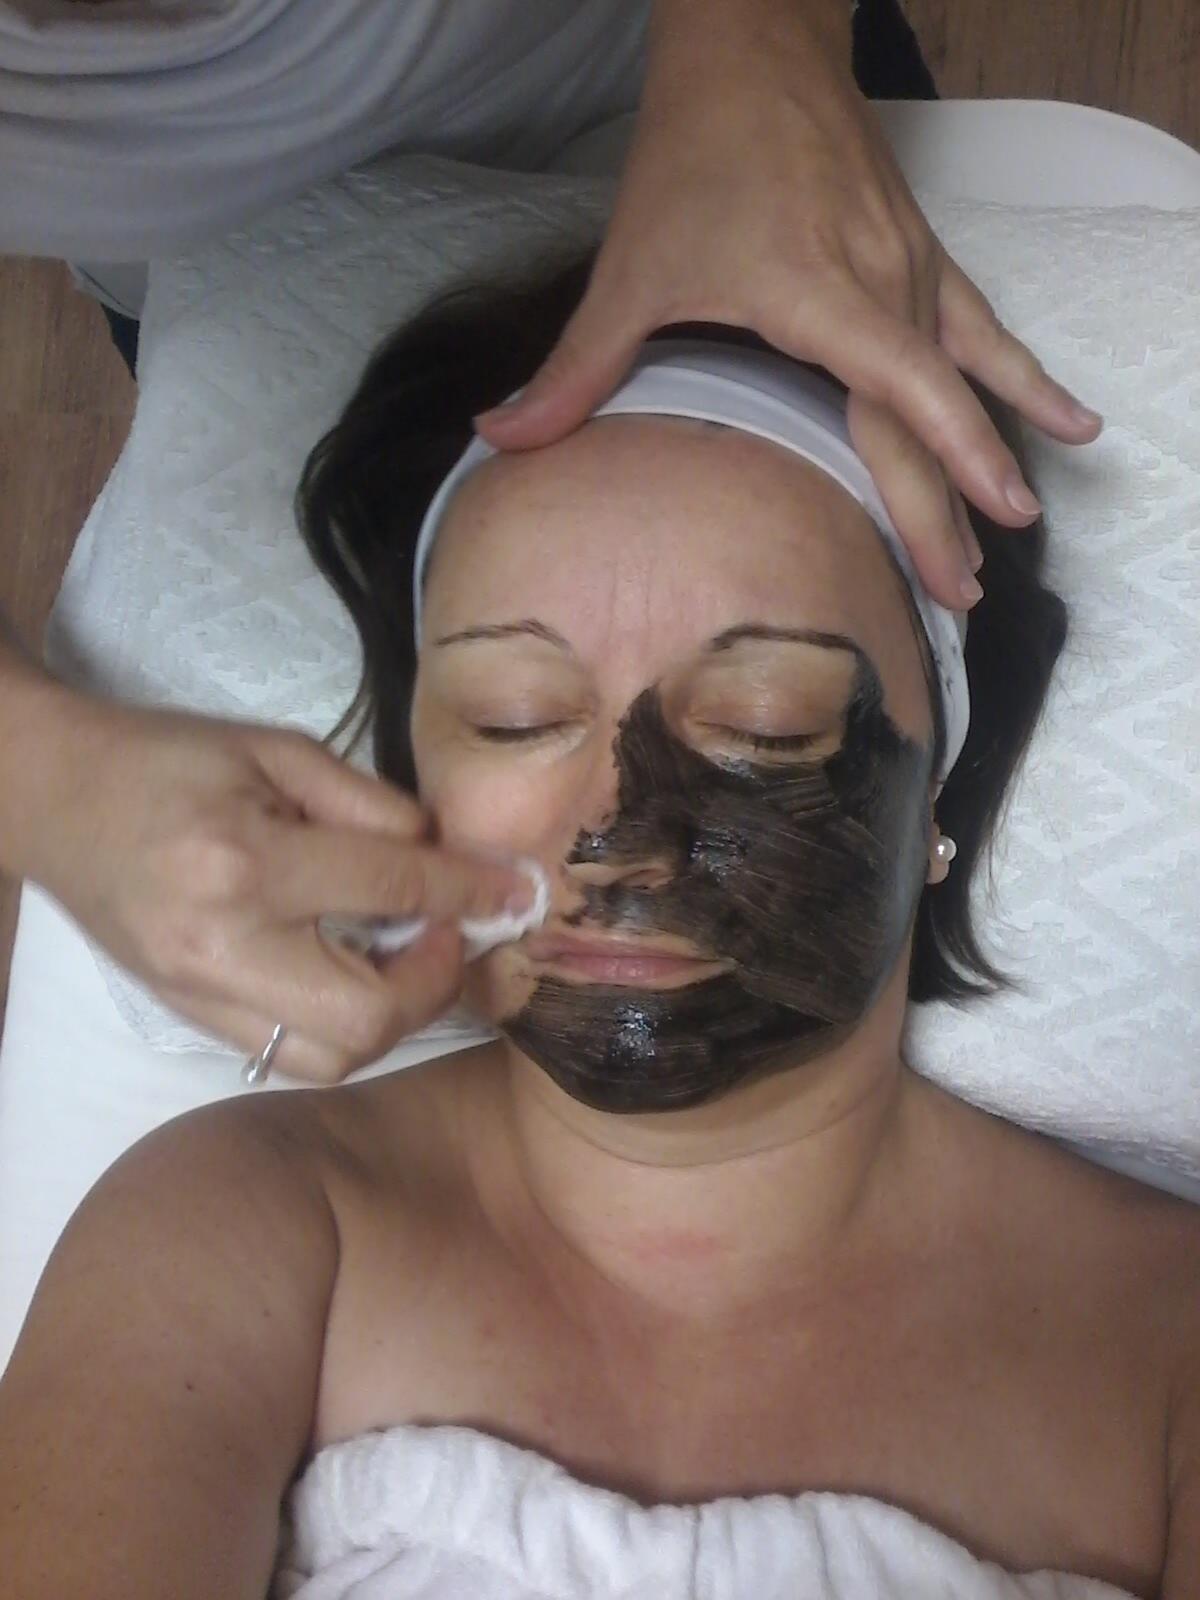 Arc- és testkezelési konzultáció Gyémántfejes mikrodermabrázió Hámlasztó kezelések Hialuronsavas bőrfeltöltő arckezelés La Perla Nera mélytisztító arckezelés Orvosi dermaroller kezelés Szemkörnyék kezelés